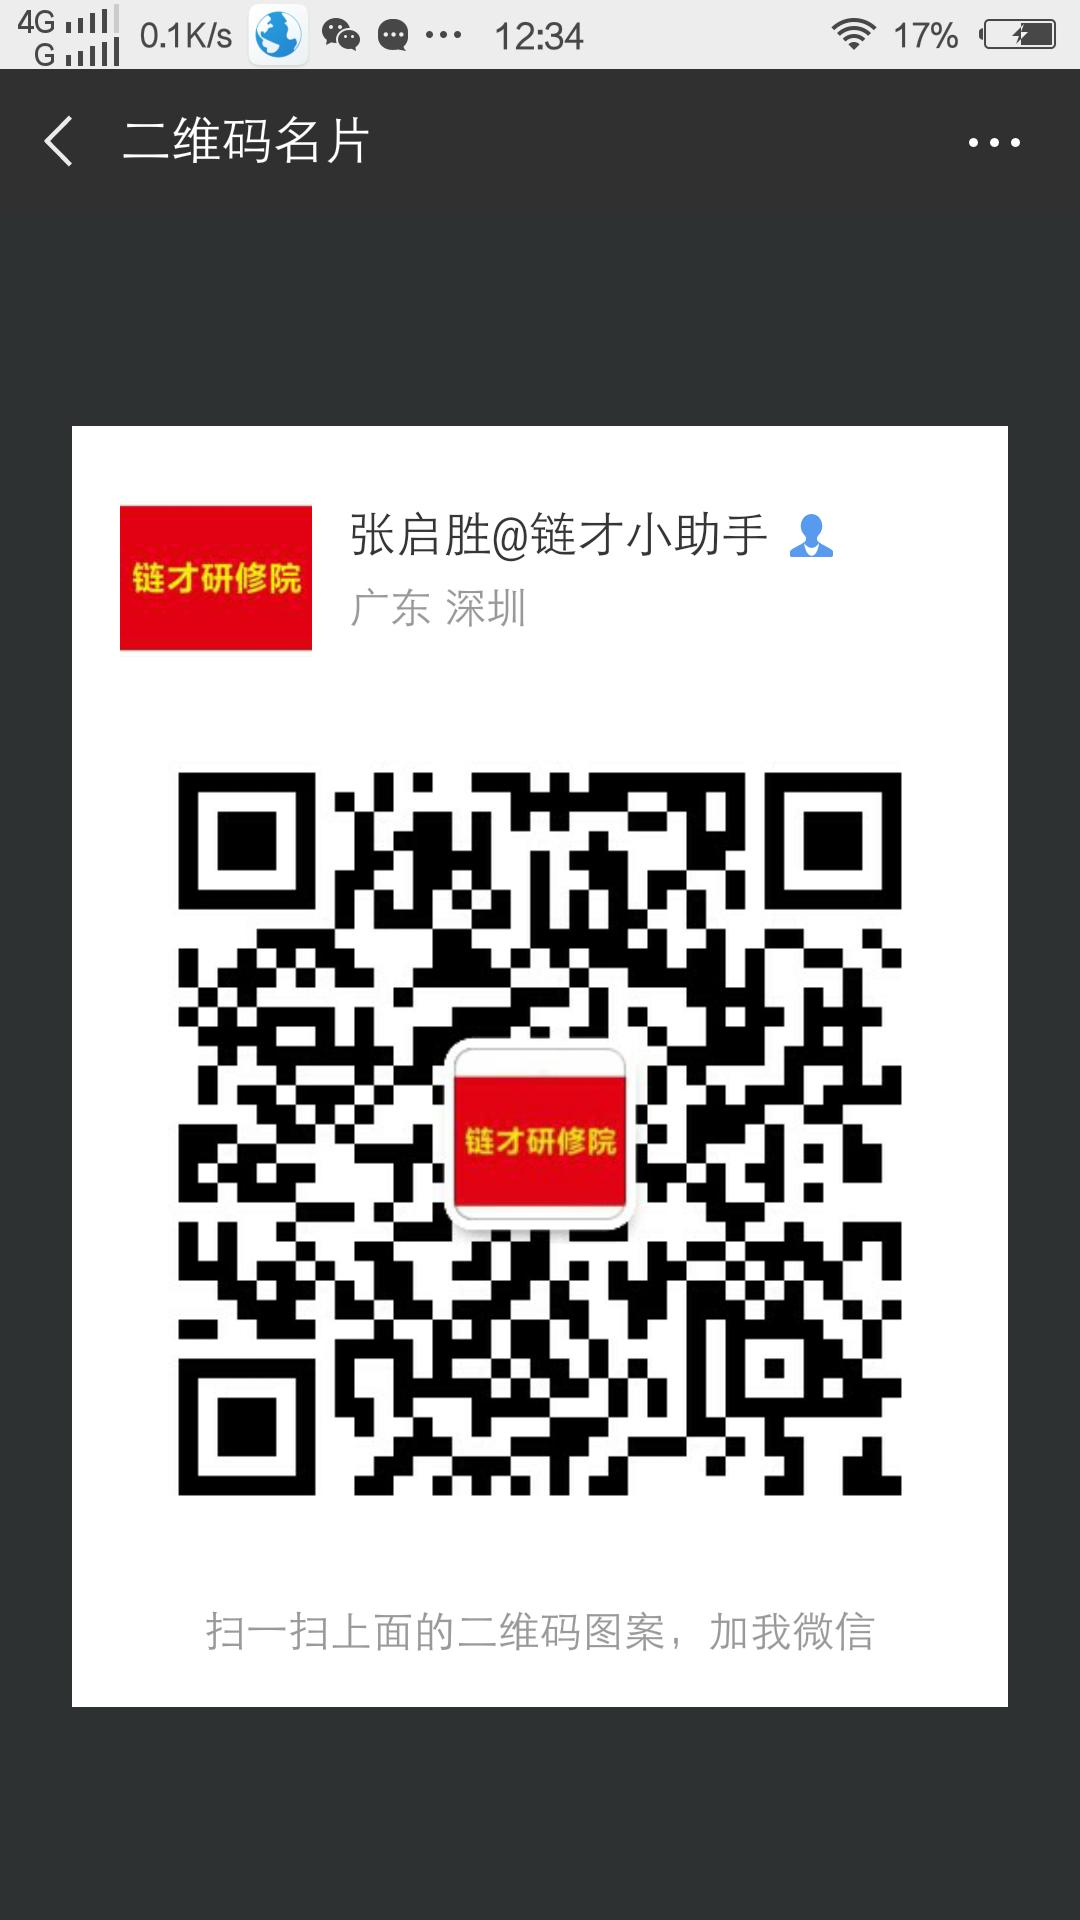 微信图片_20181126123957.png